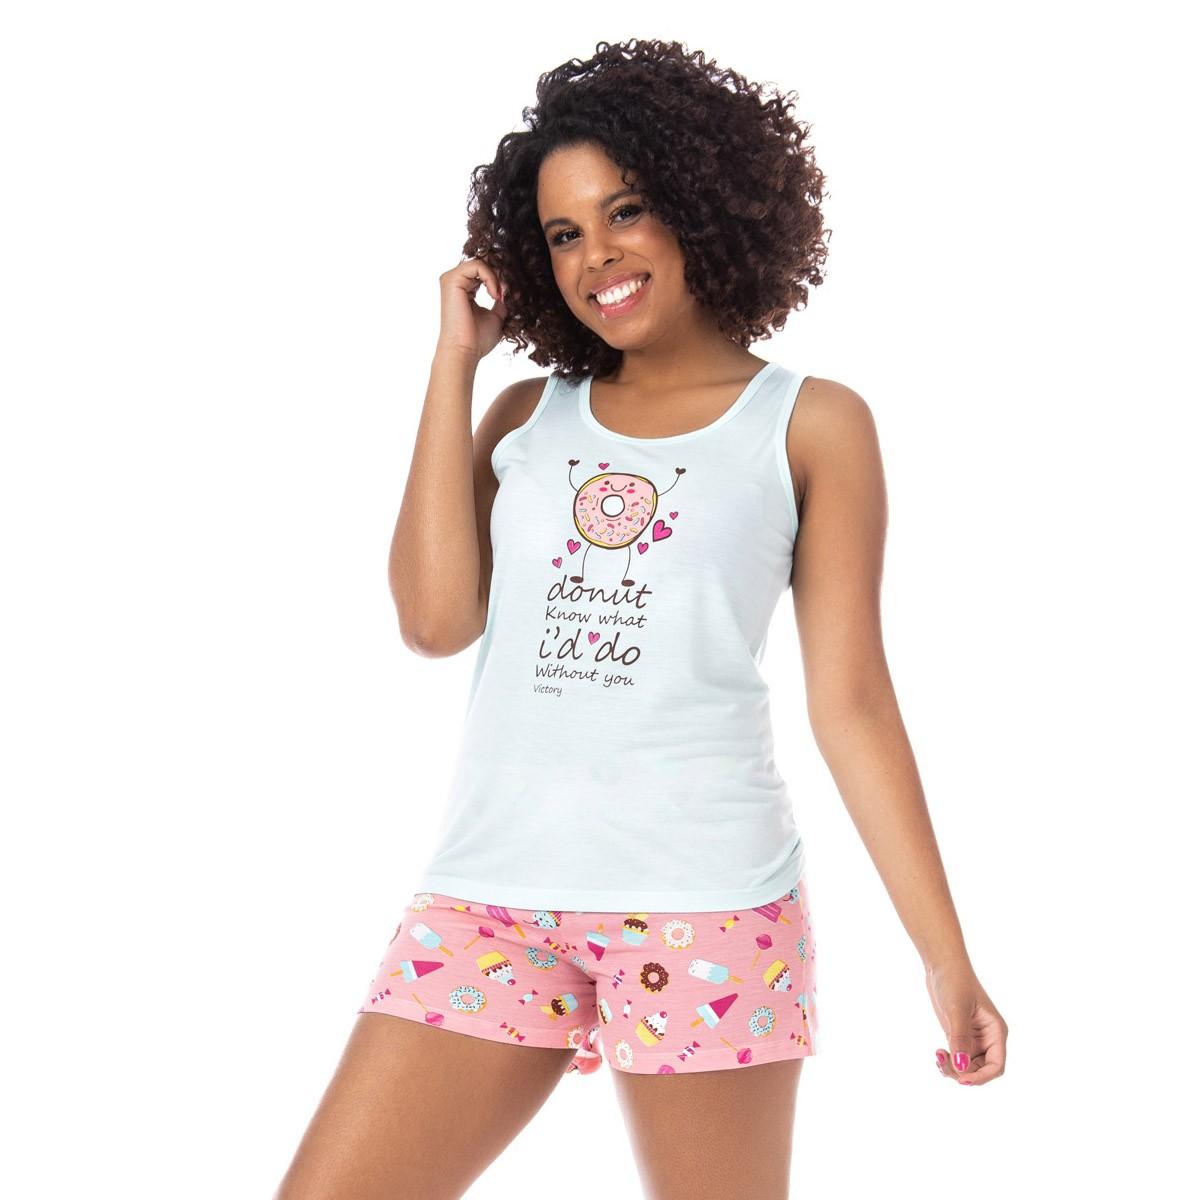 Pijama feminino short doll e regata para o verão Victory